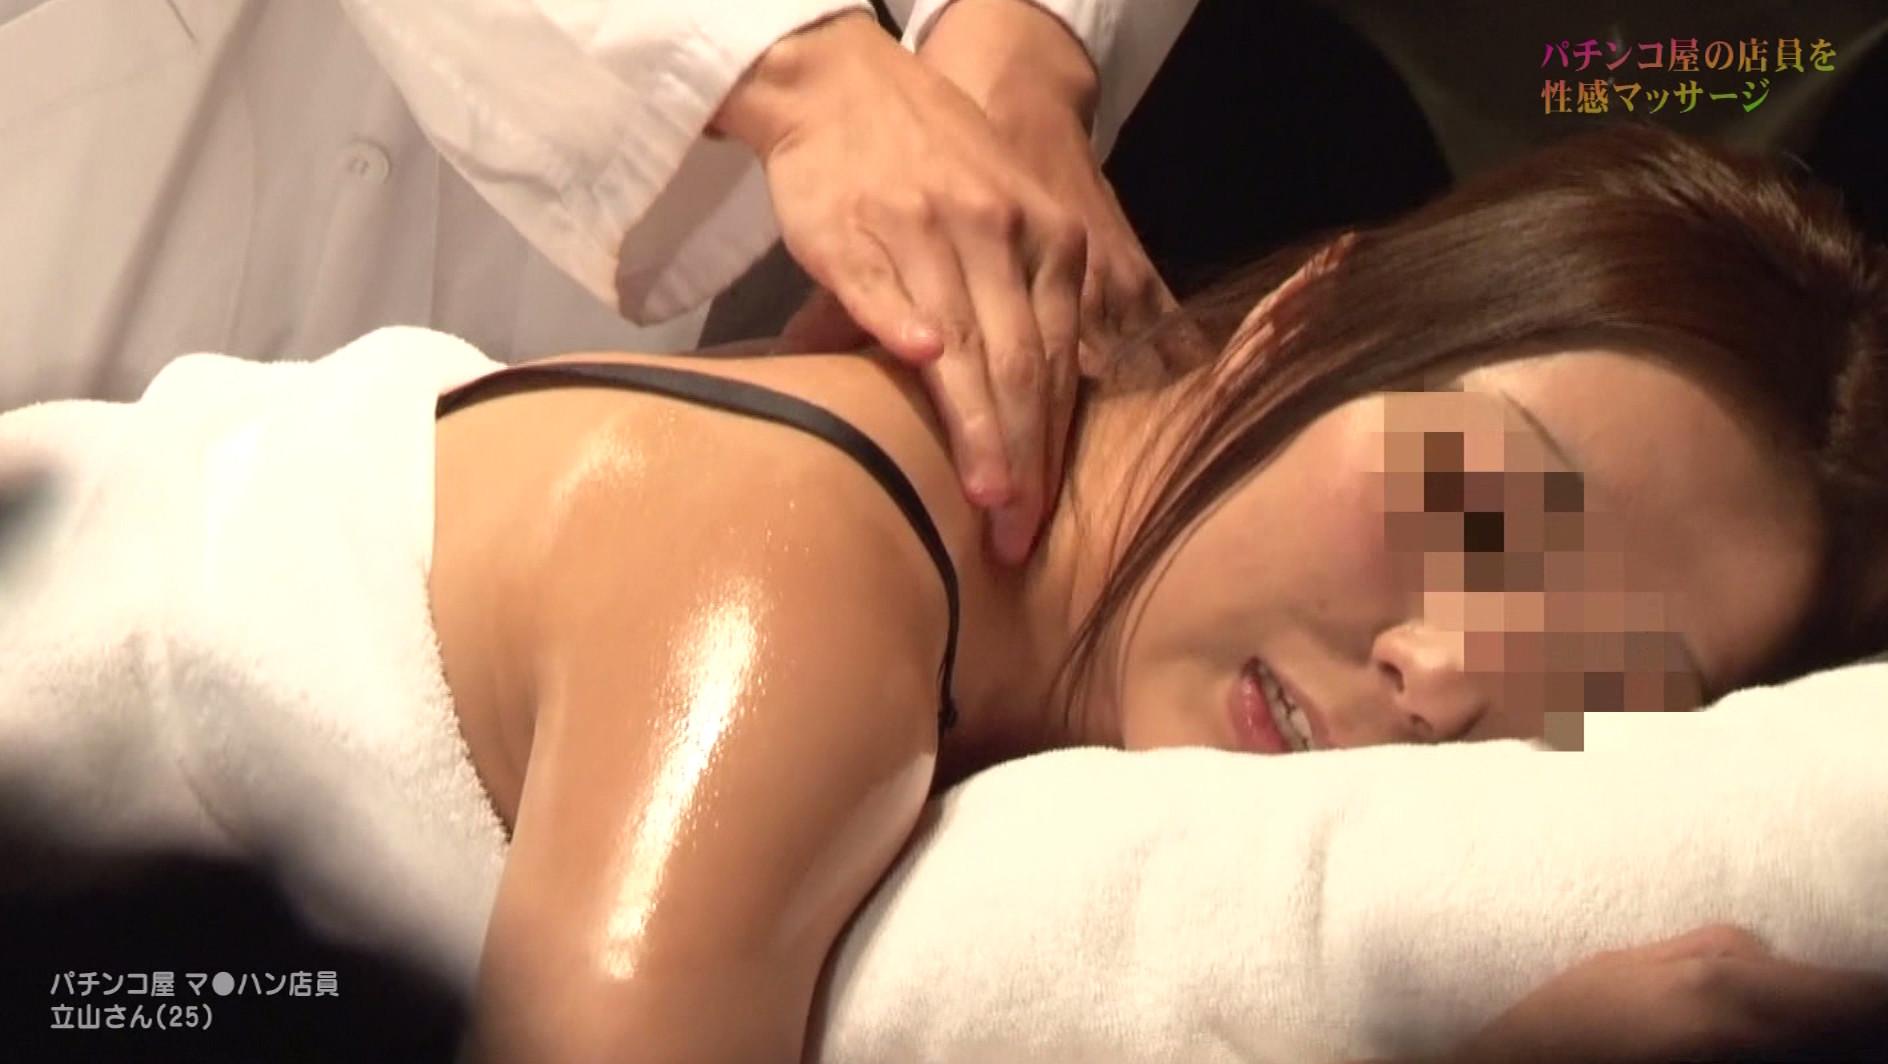 パチンコ屋のかわいいお姉さんを性感マッサージでとことんイカせてみた 画像20